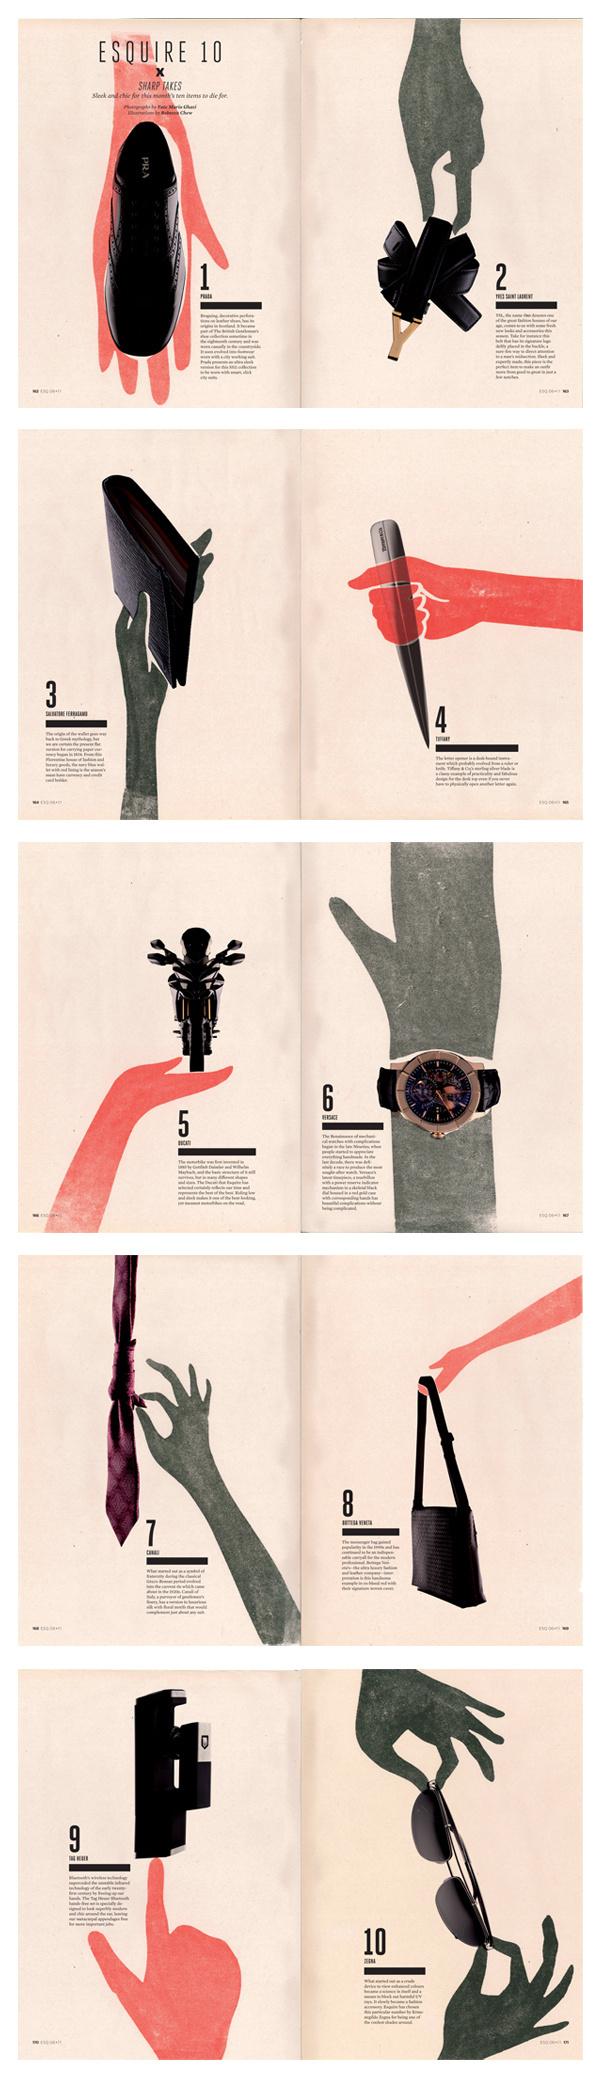 rebecca-chew-graphic-design-13 #illustration #design #editorial